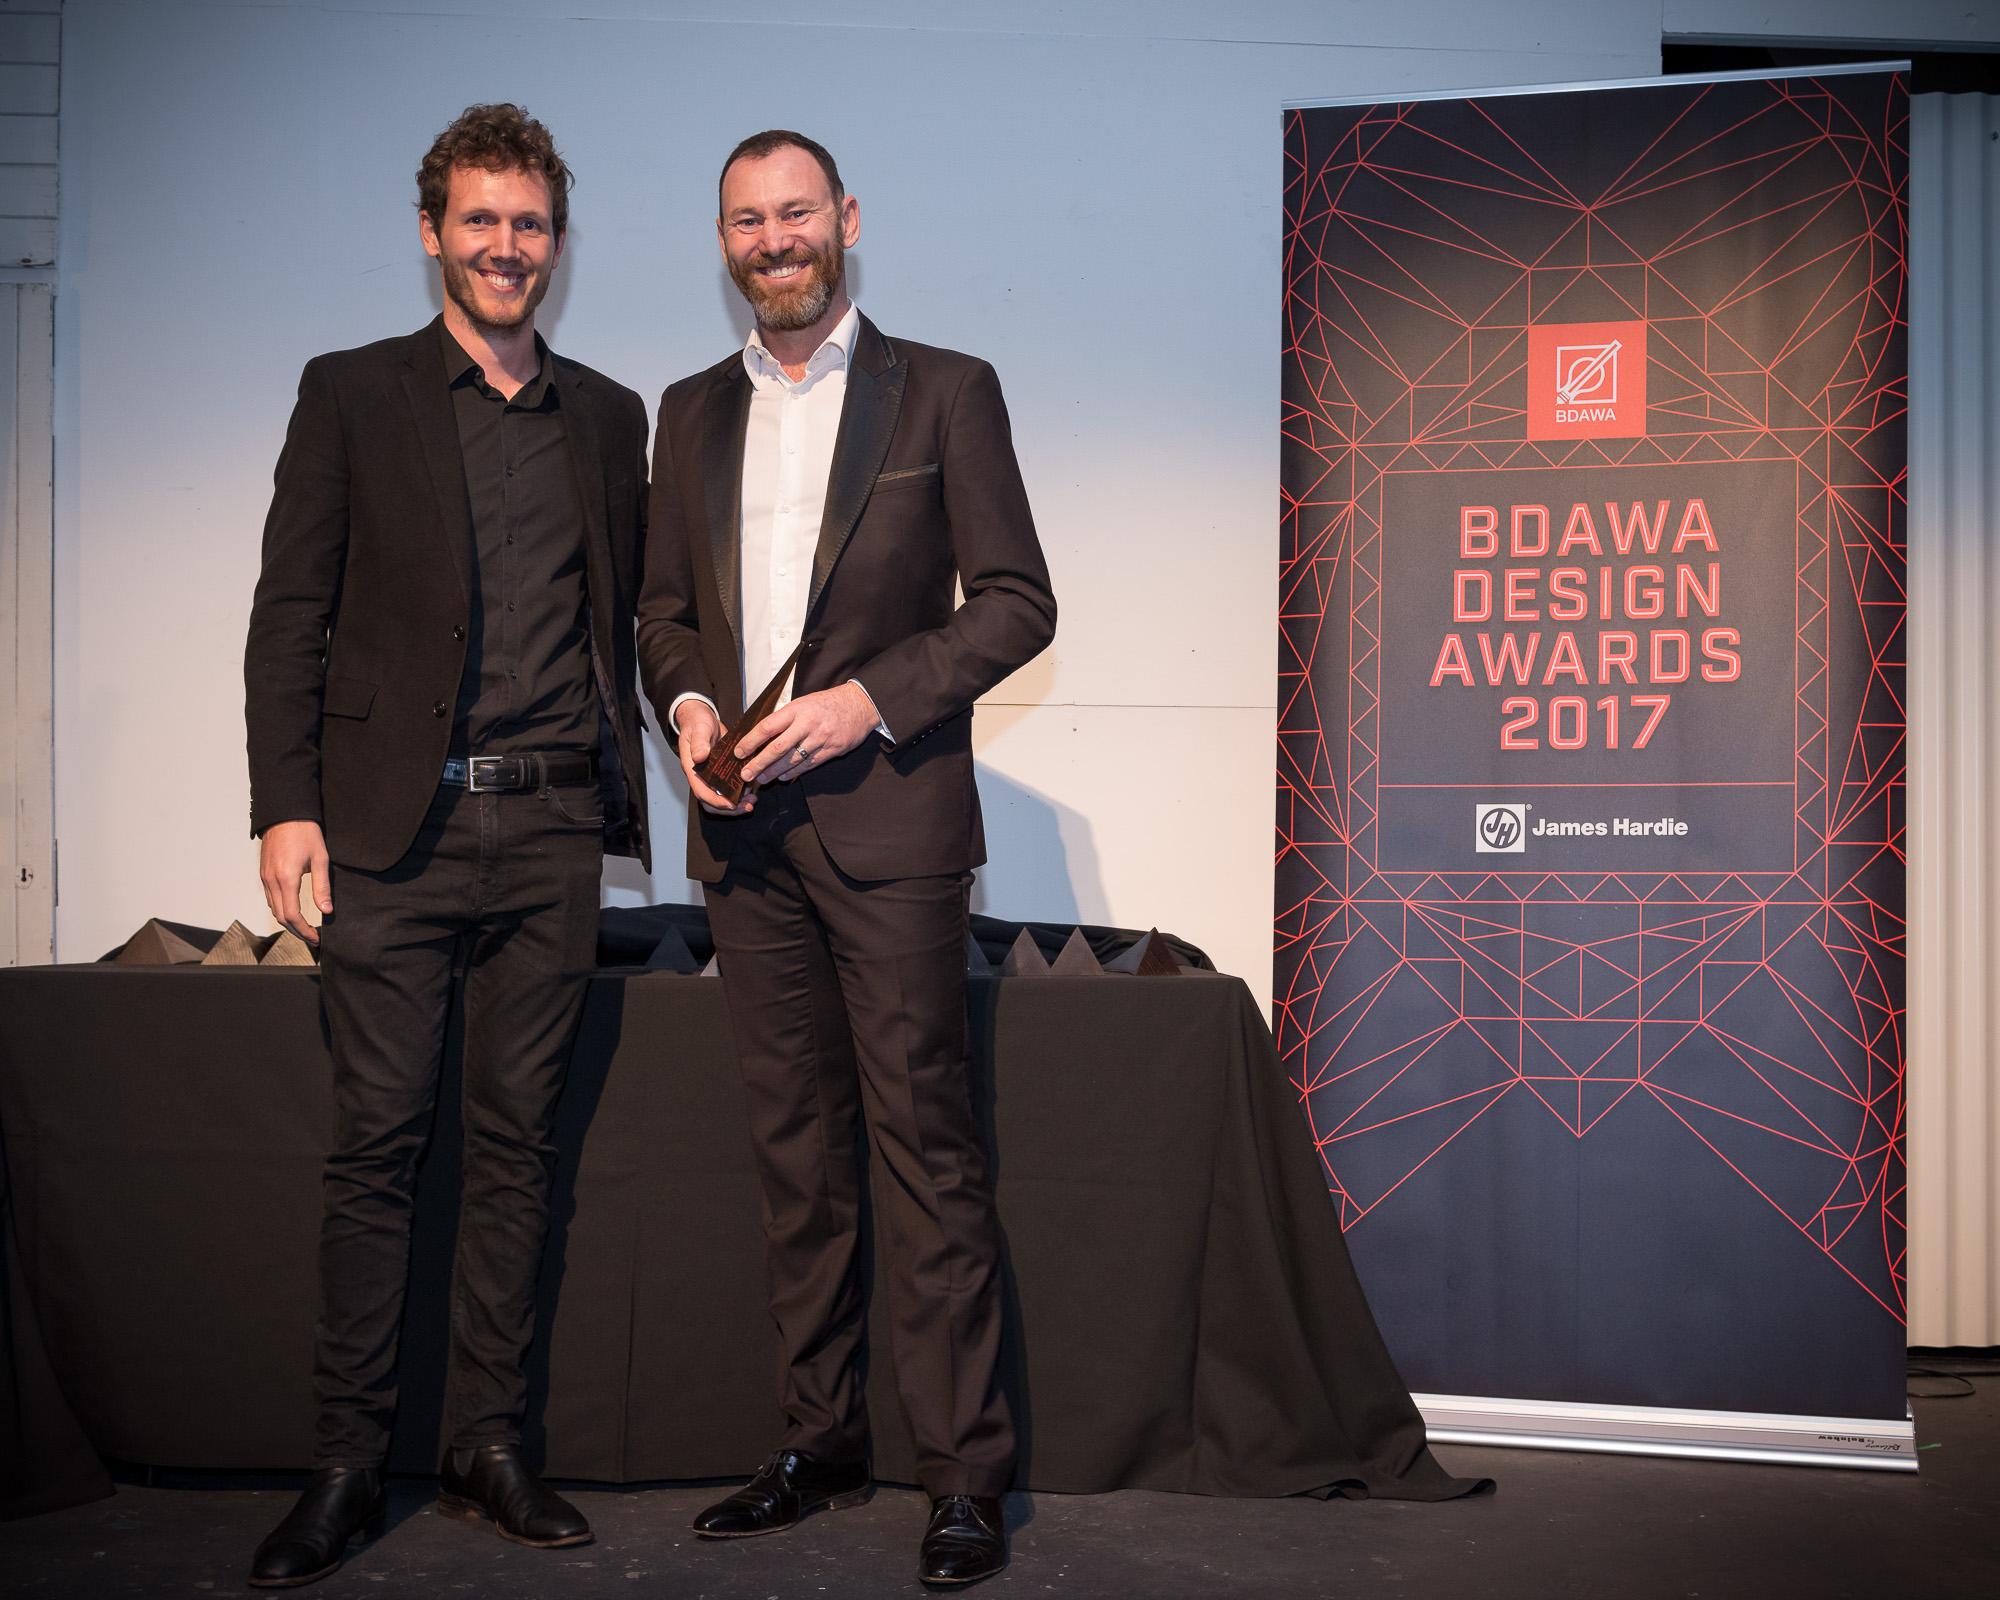 0153 BDA WA Awards 2017 _JHG7403.jpg